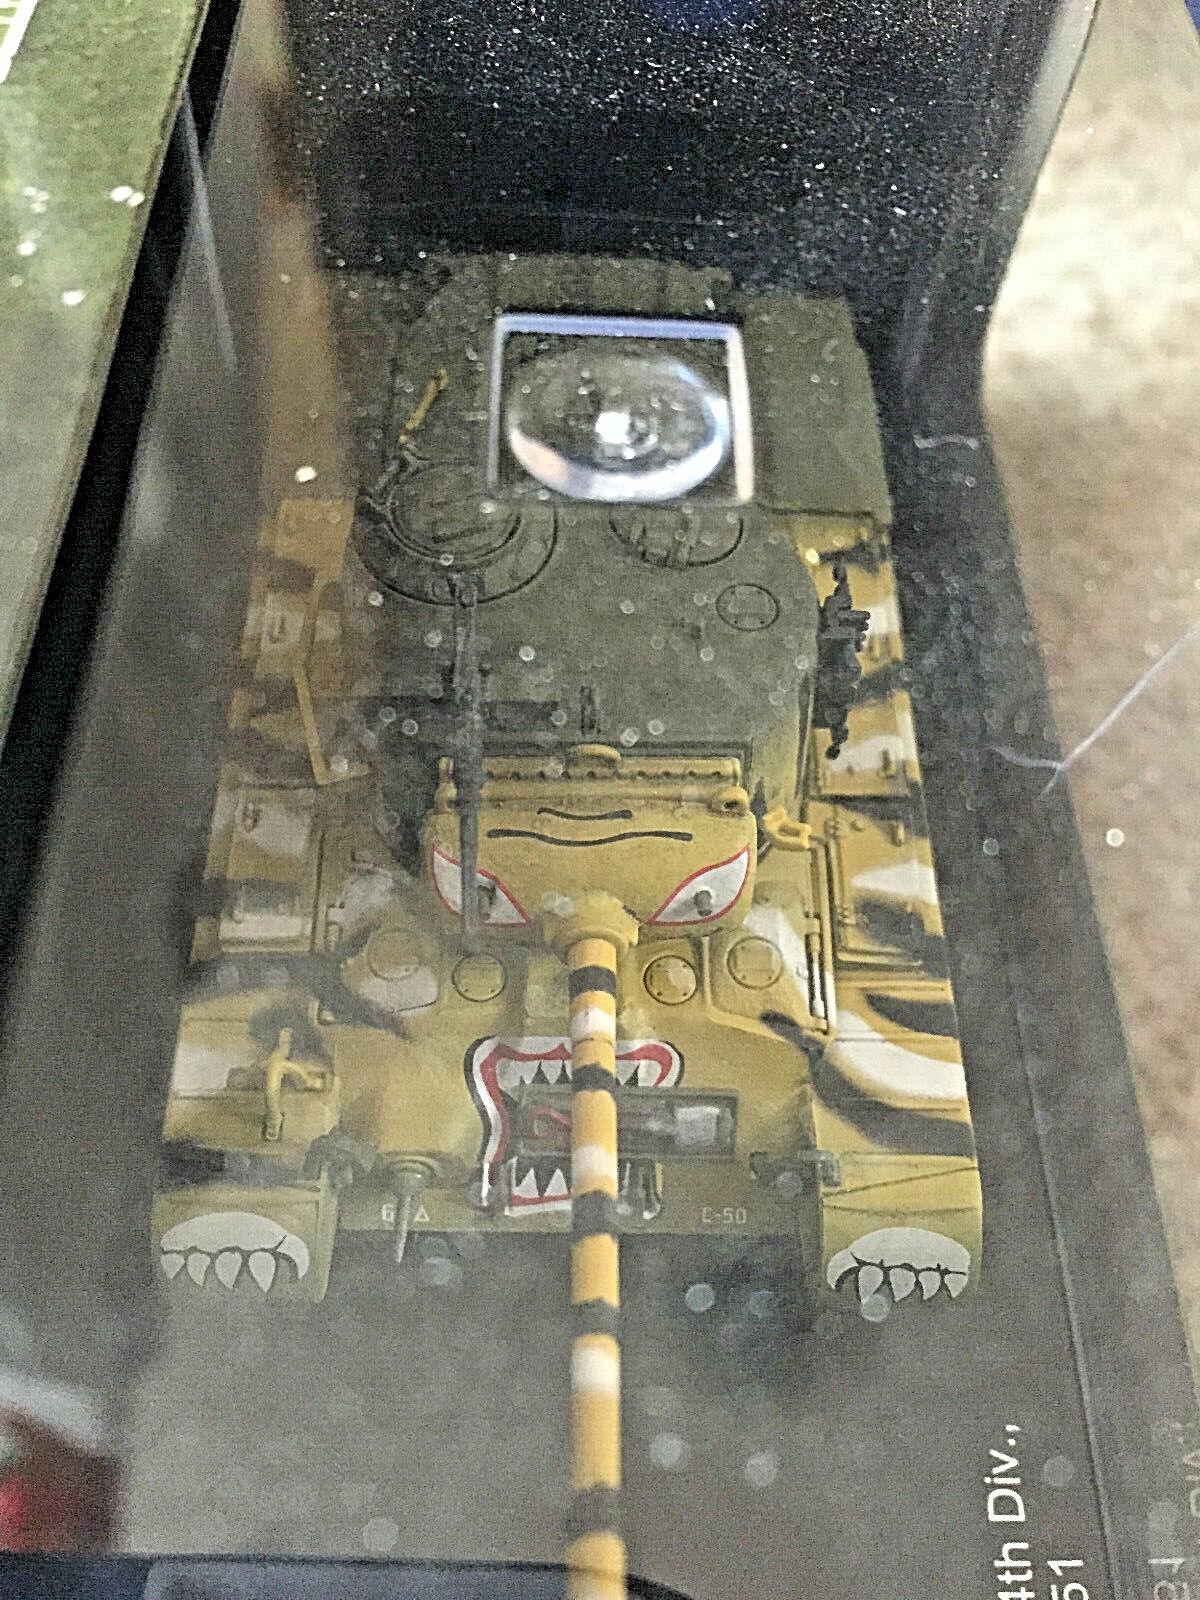 trova il tuo preferito qui Hobby Master HG3701 M46 Patton US US US Army 24th Infantry Div 6th Han River, Korea  prezzo più economico